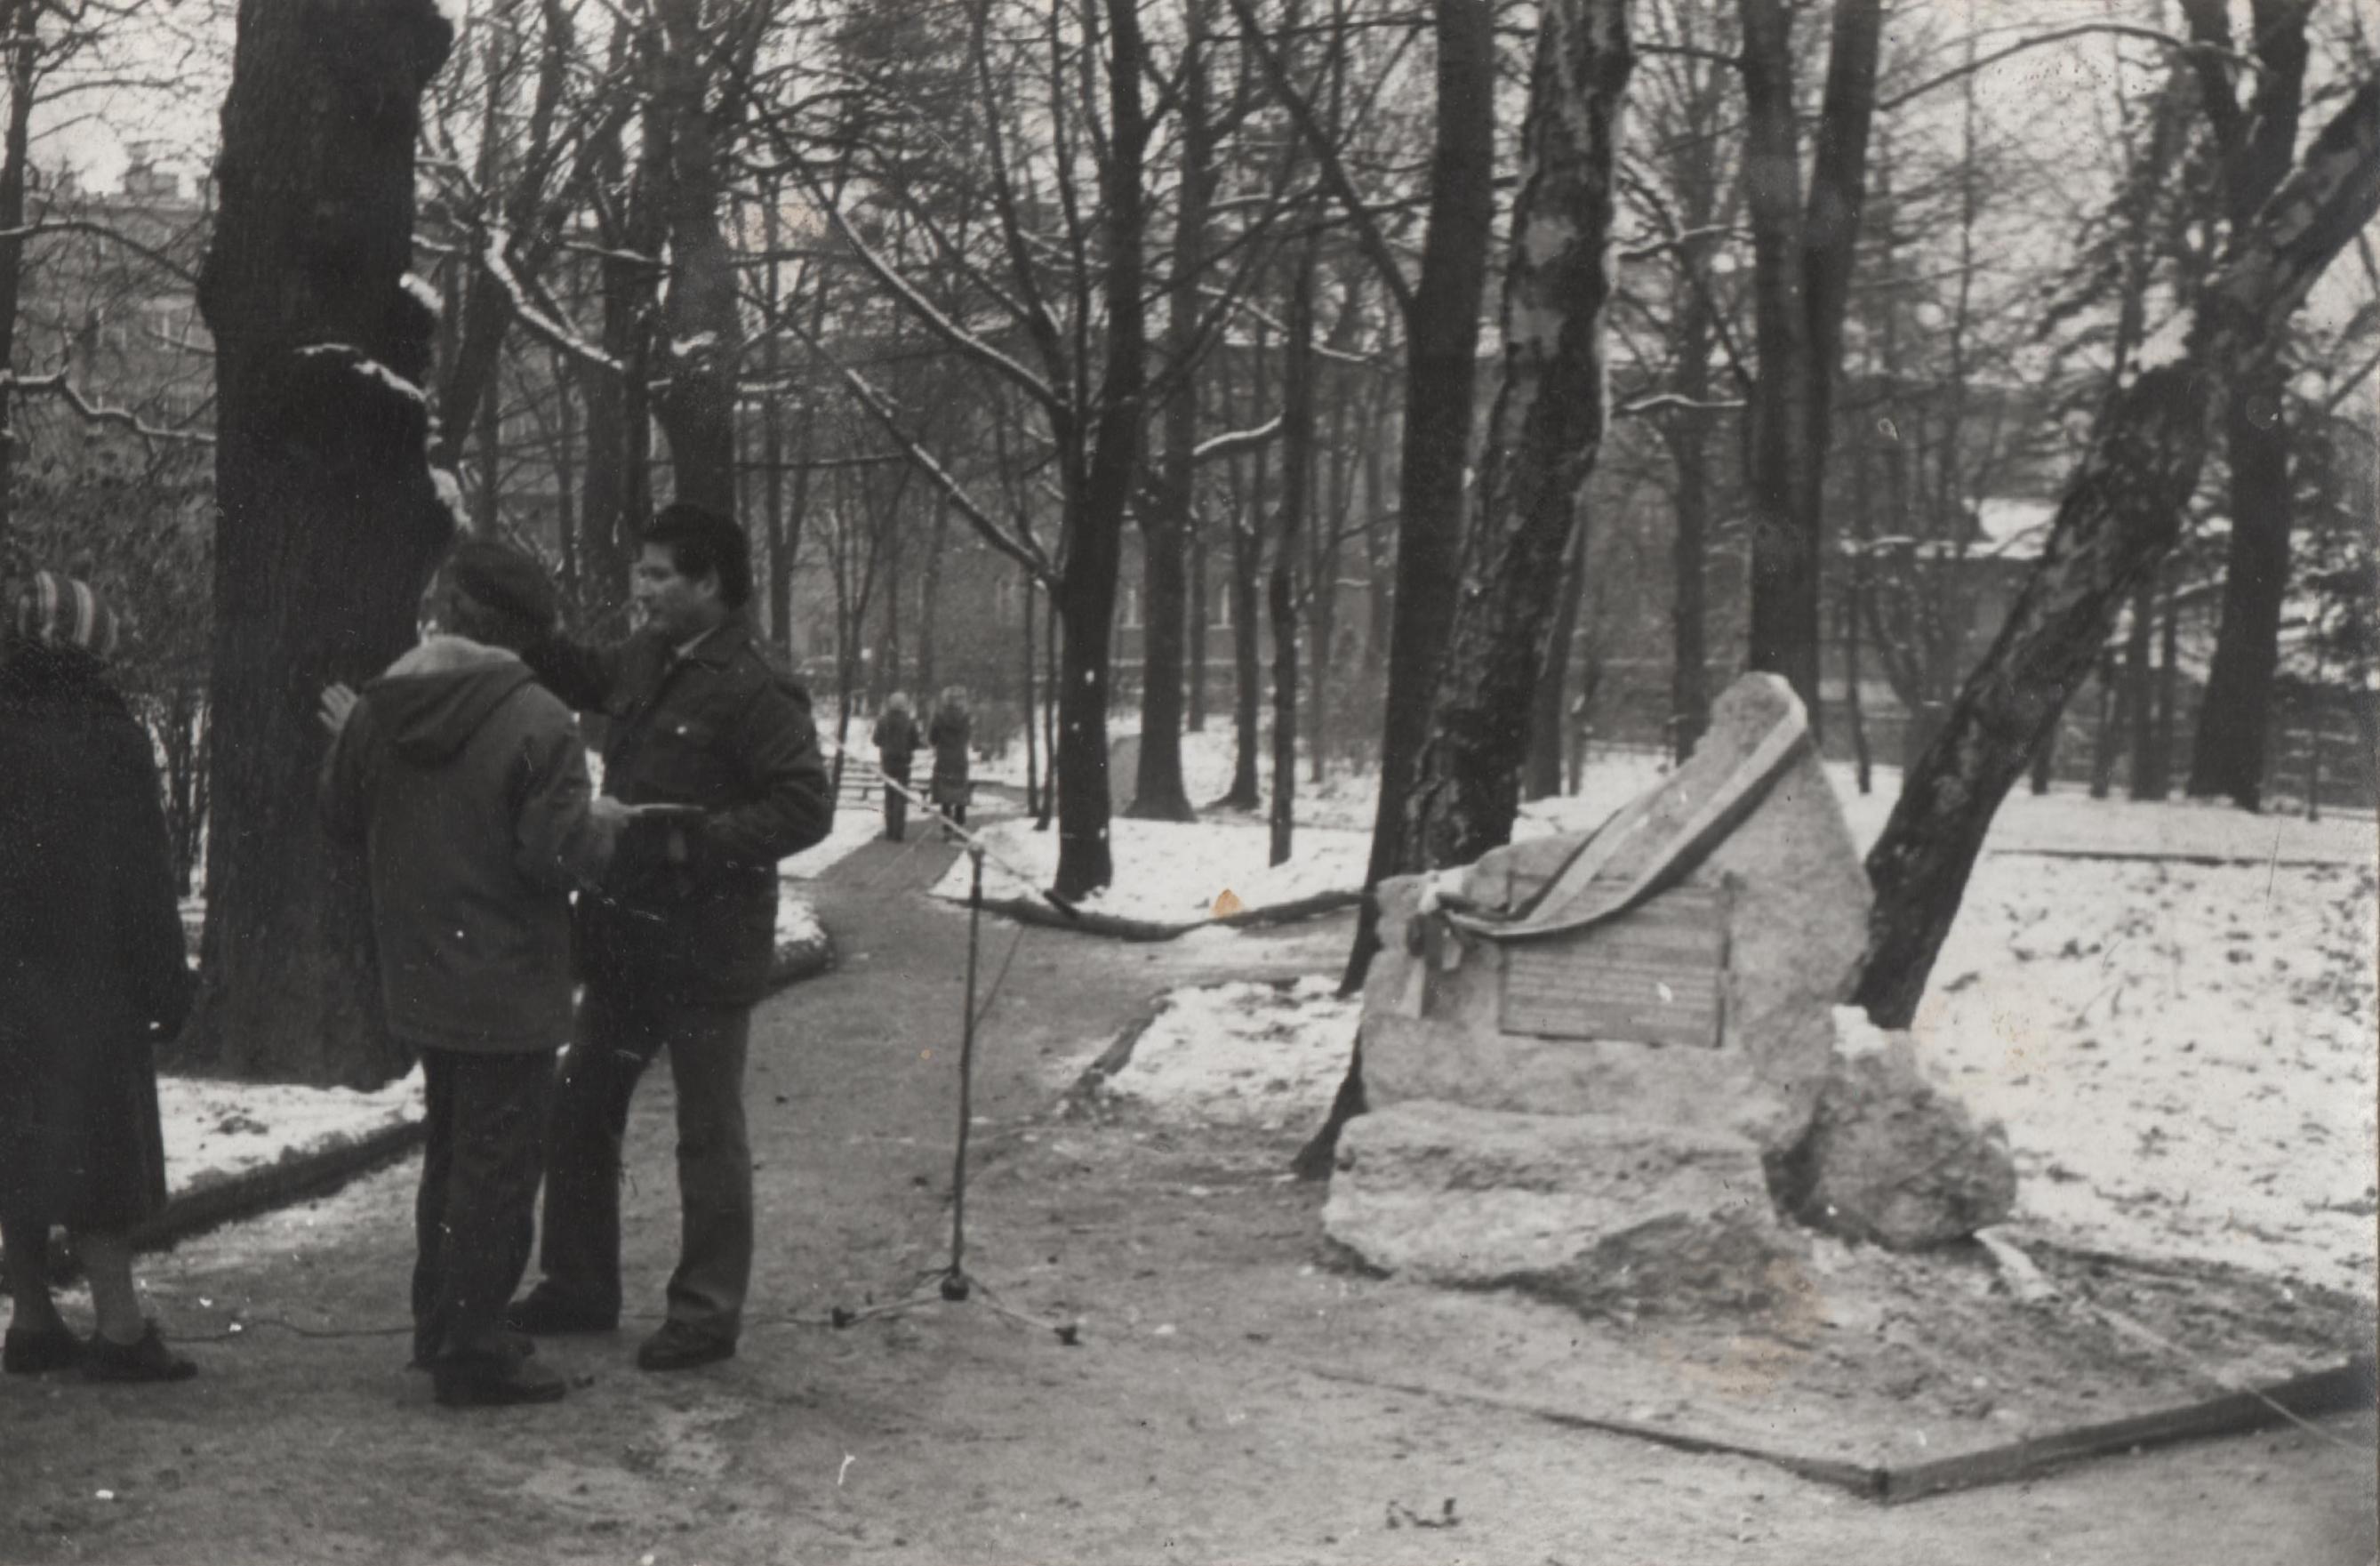 Odsłonięcie tablicy upamiętniającej gen. Stefana Buchowieckiego w dniu 11 listopada 1981 w parku miejskim w Olkuszu. Fotografia ze zbiorów rodziny Ostrowskich.